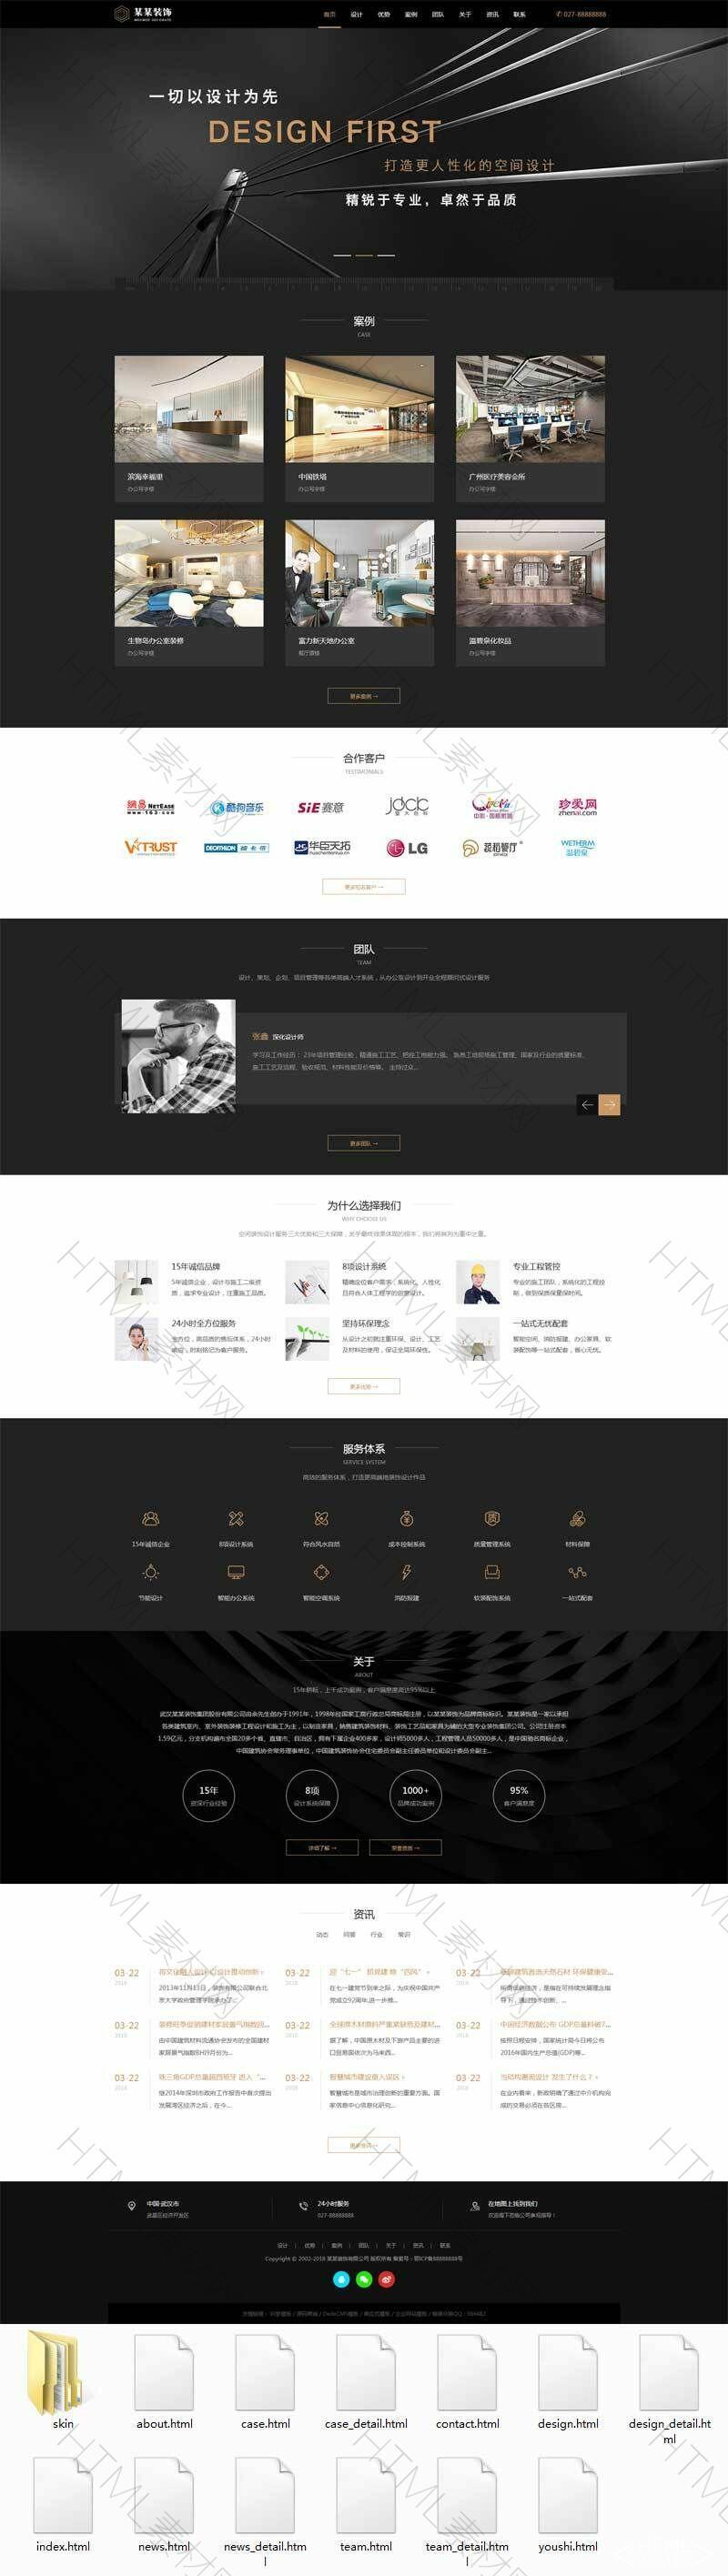 黑色大气的建筑装饰设计类网站bootstrap模板.jpg